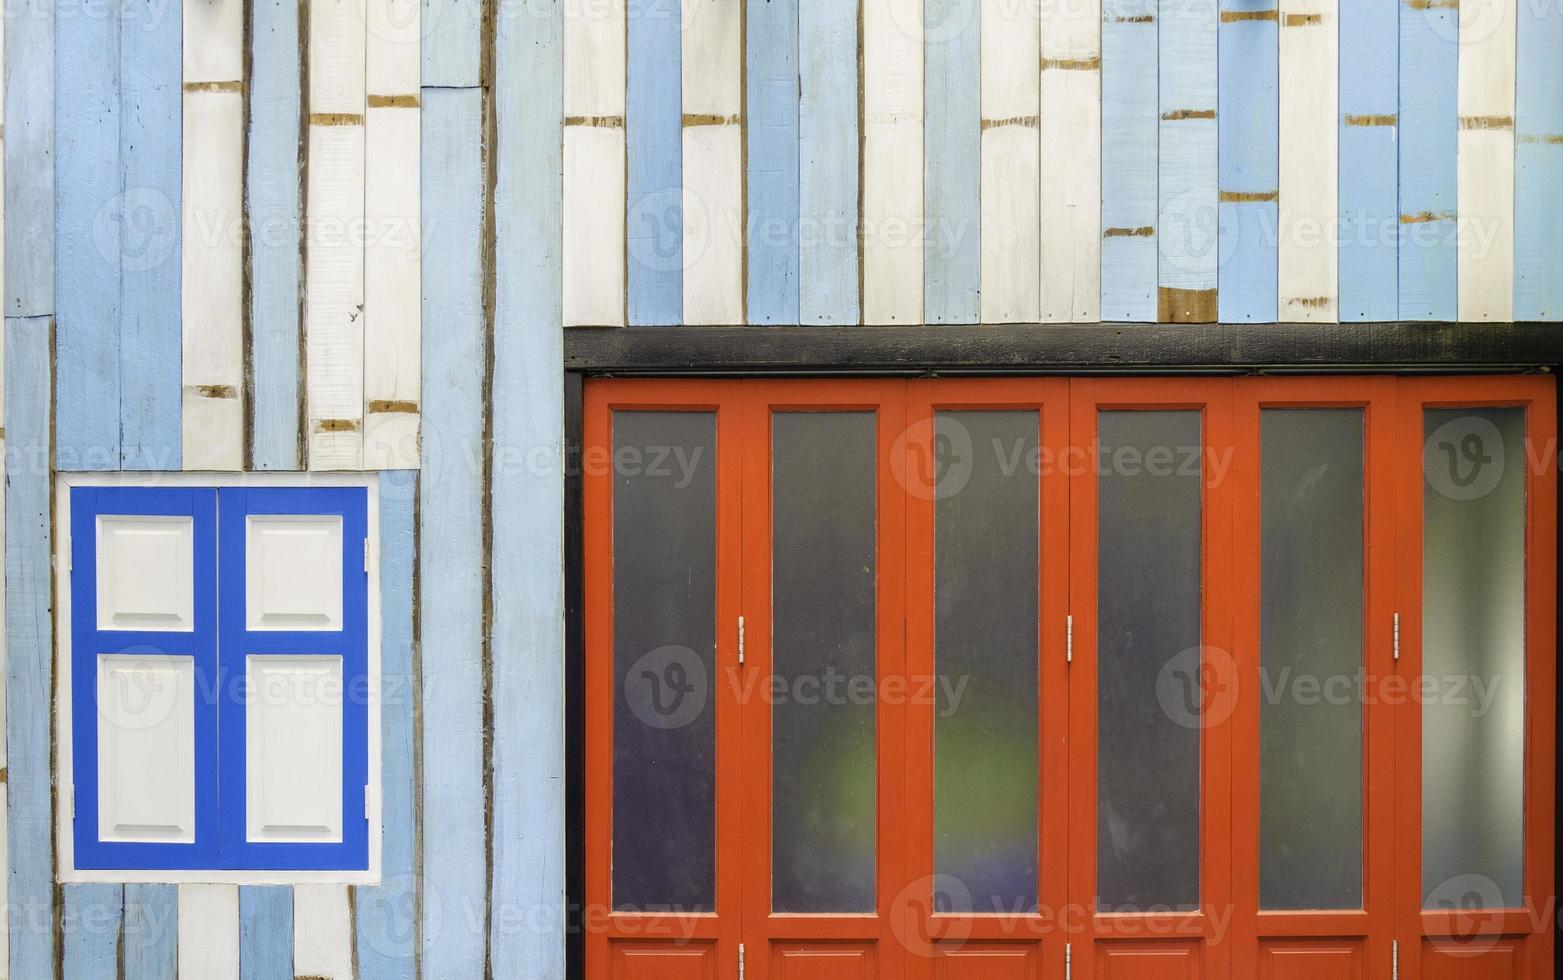 framsidan av ett hus målade inpatterns och färger foto